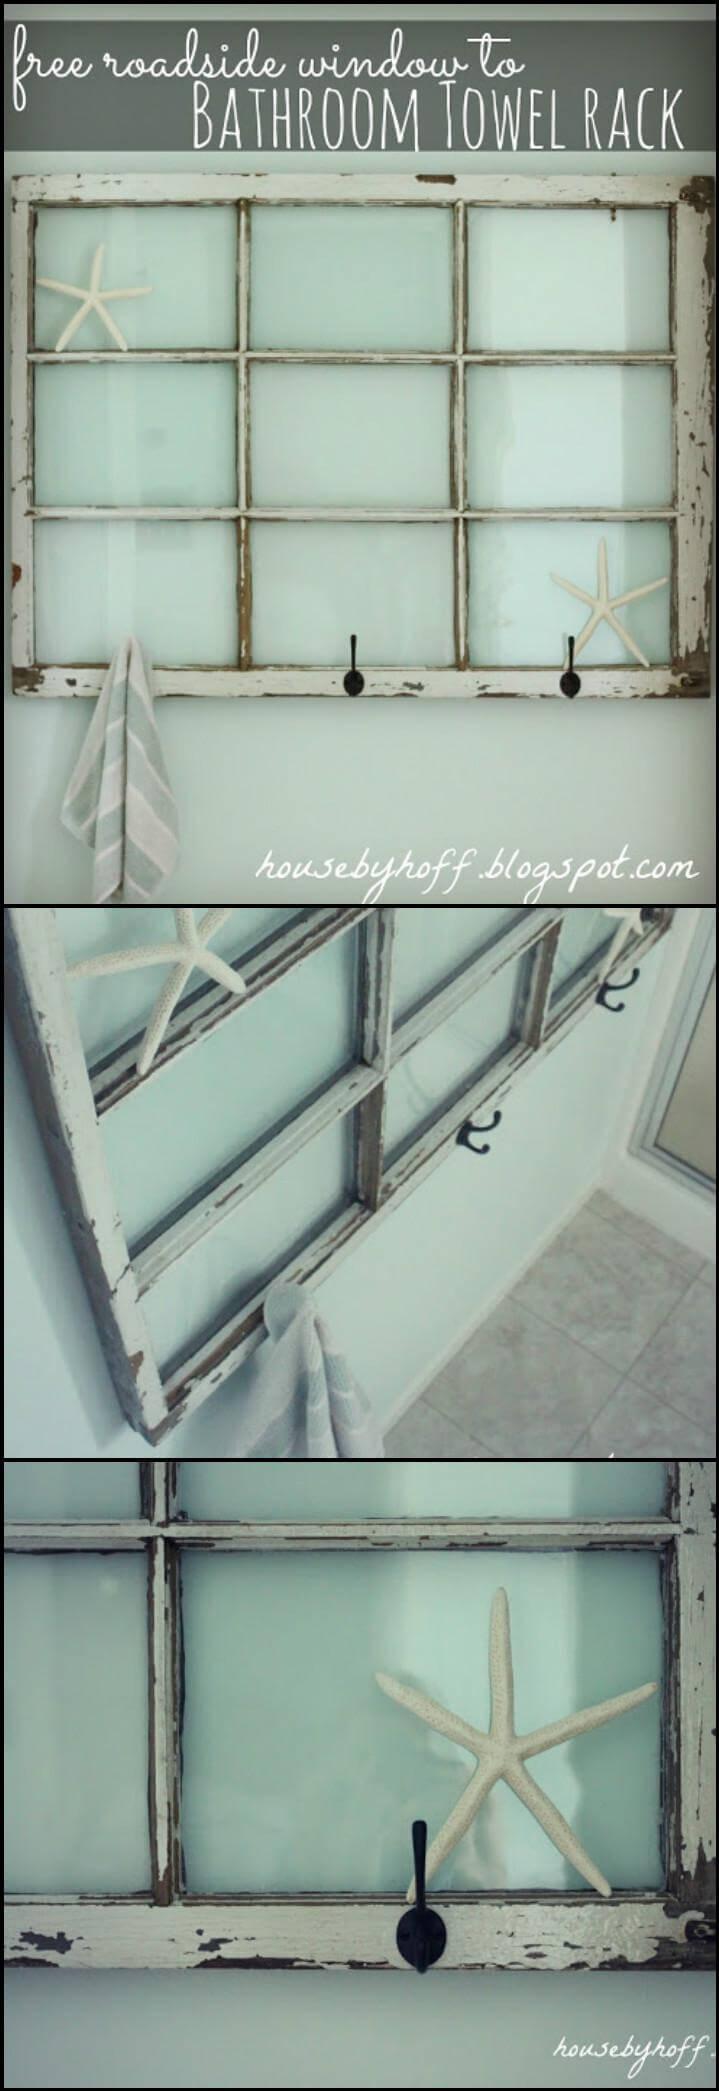 repurposed antique roadside window bathroom towel rack